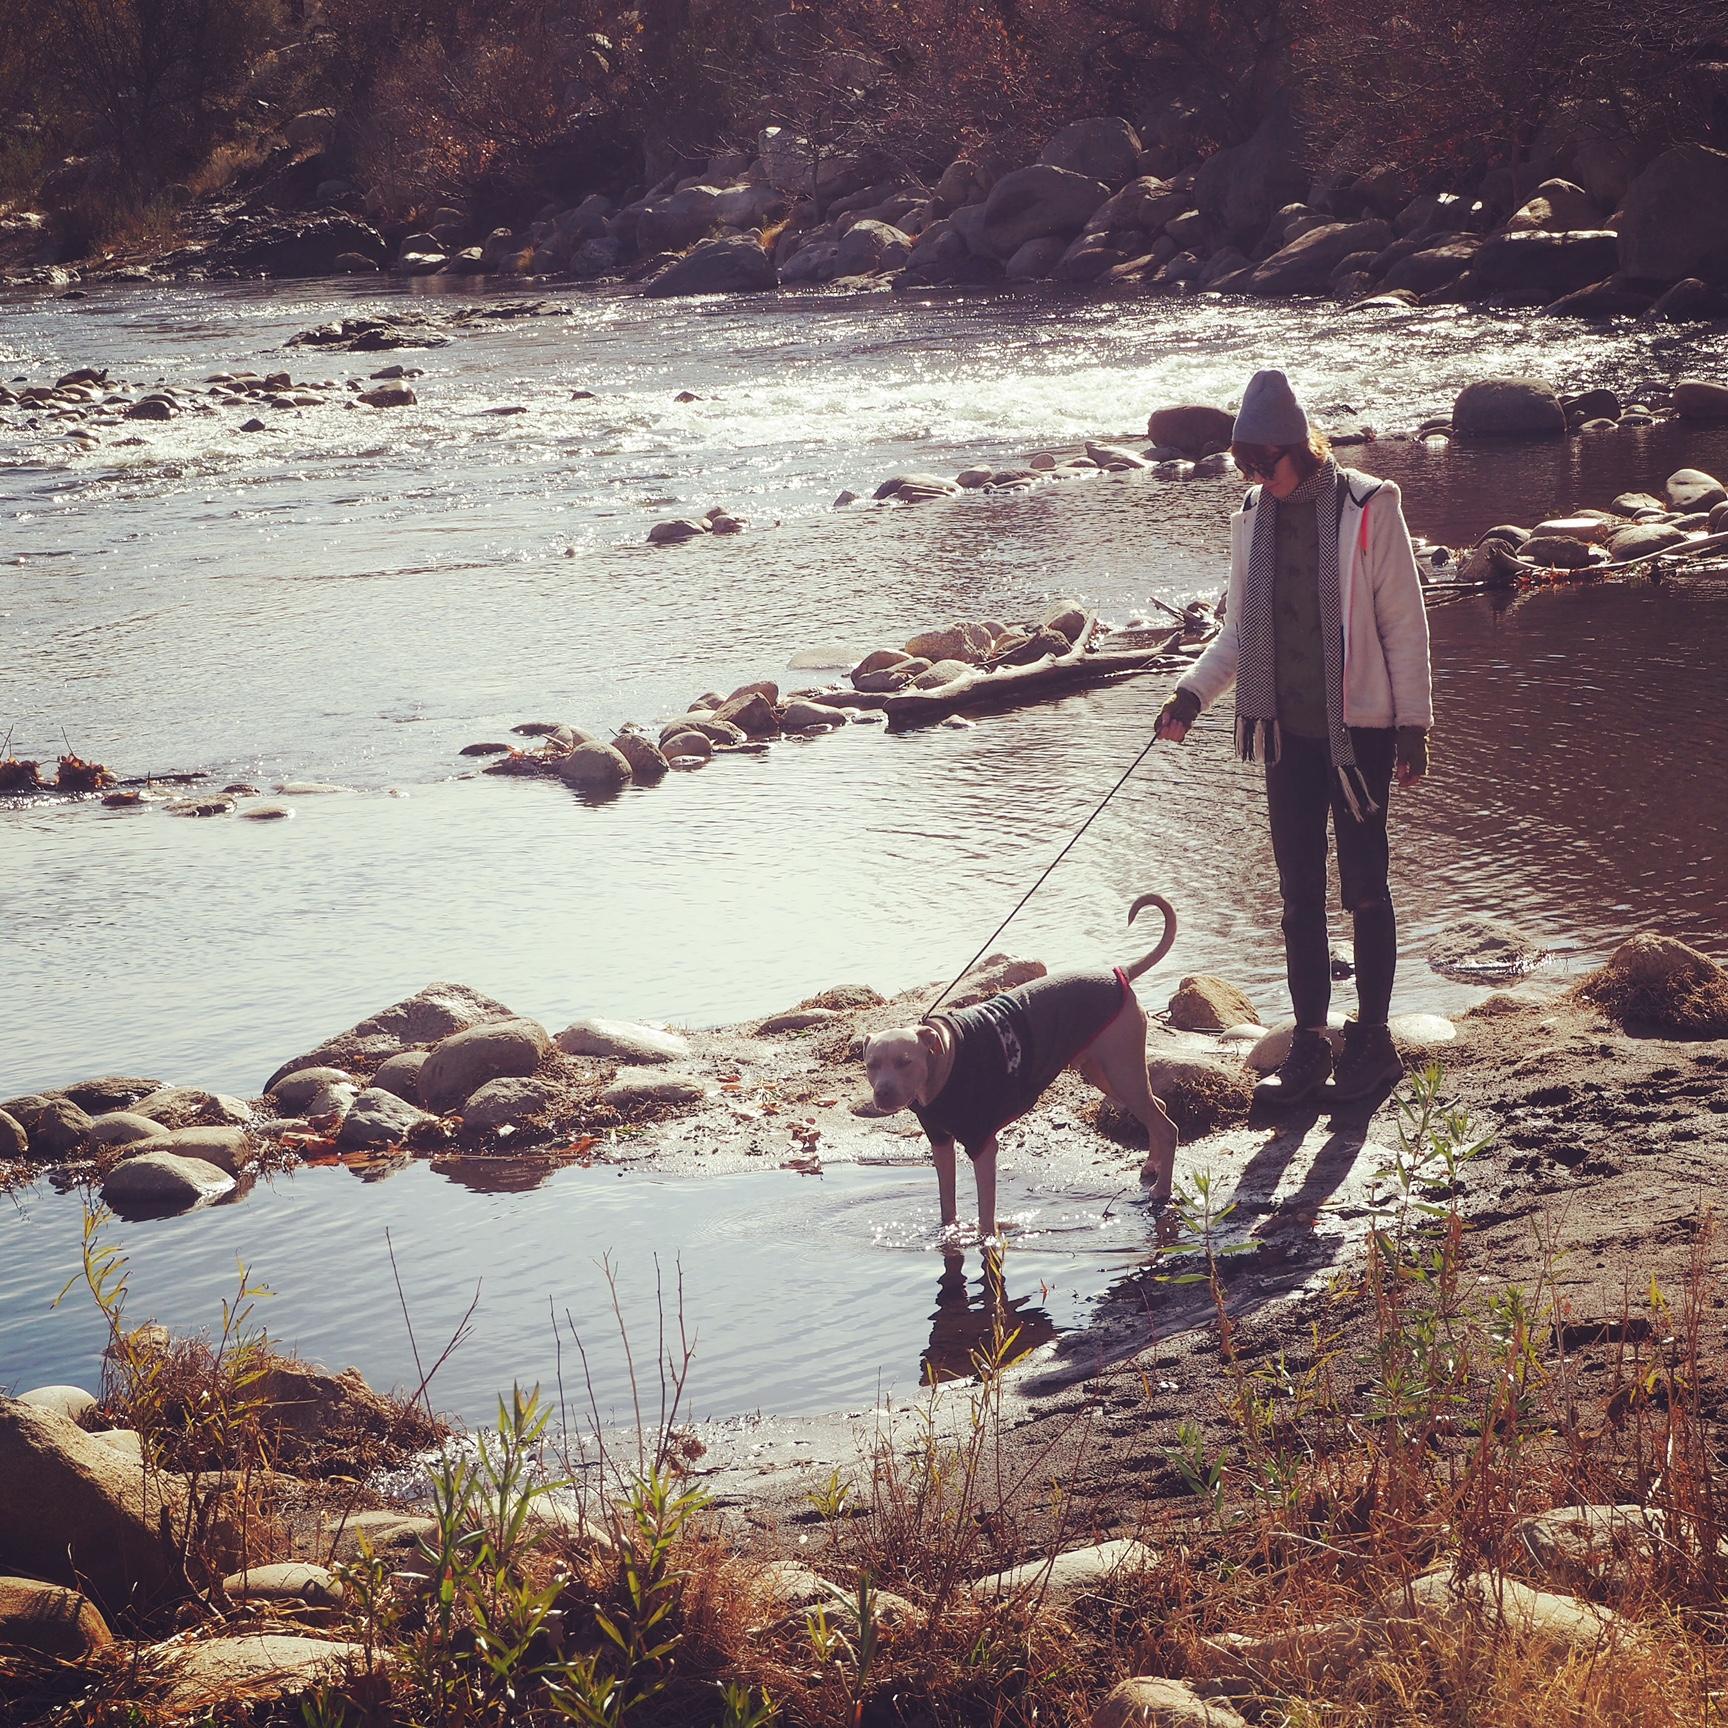 pitbull at the river